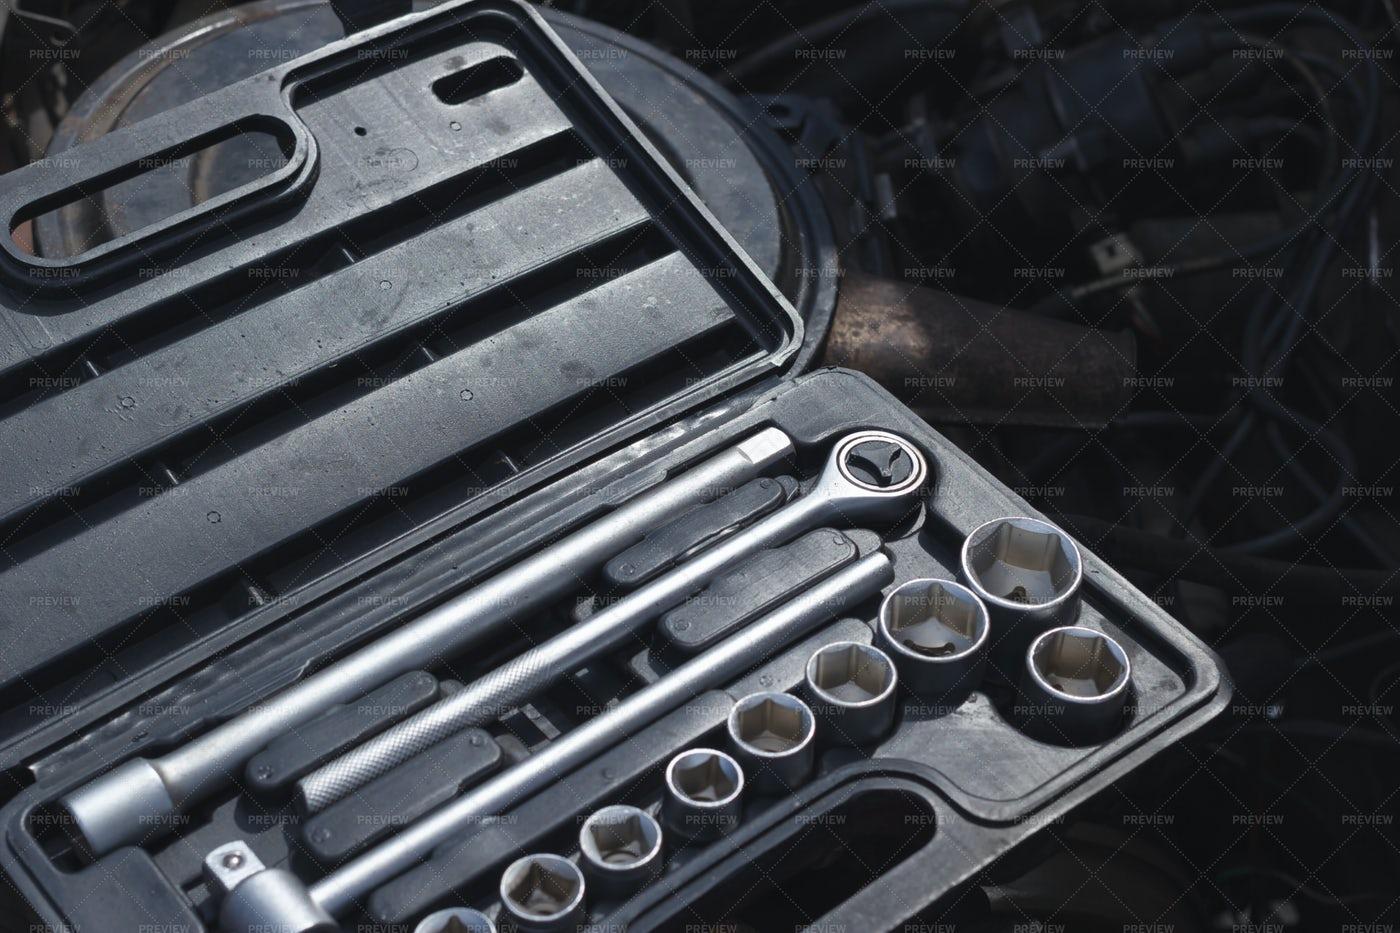 Repair Toolbox: Stock Photos